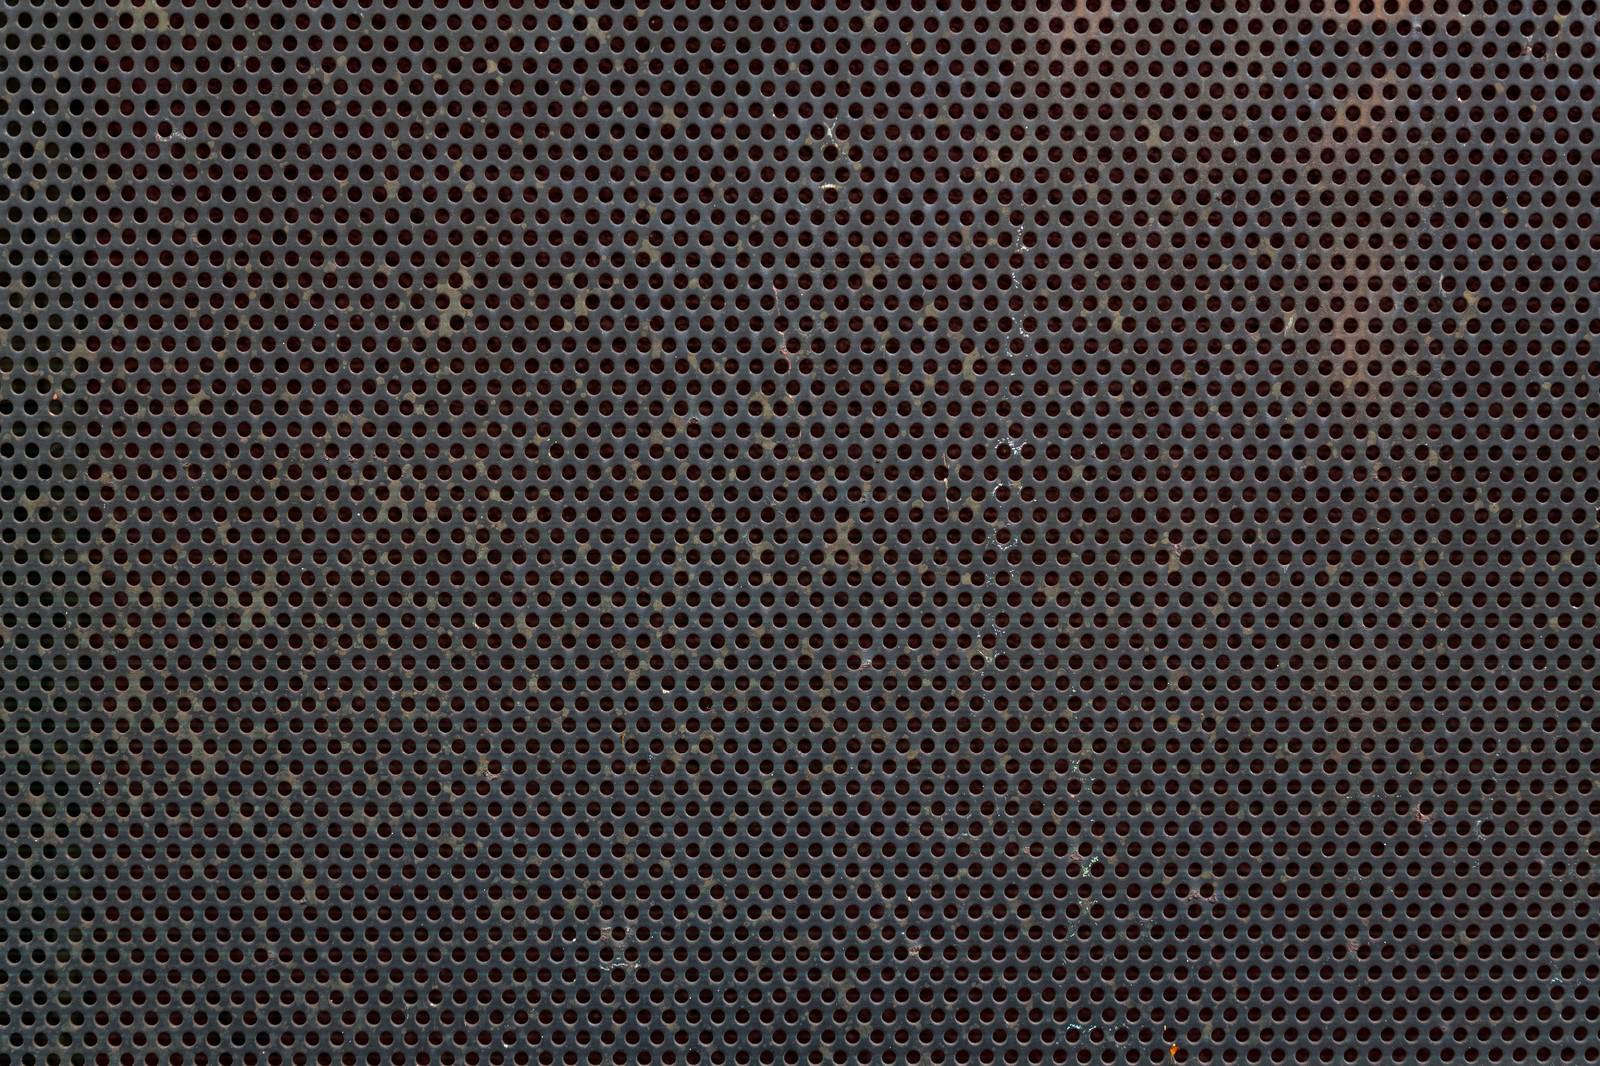 「錆びた丸型の穴が空いたメッシュ金属(テクスチャー)」の写真